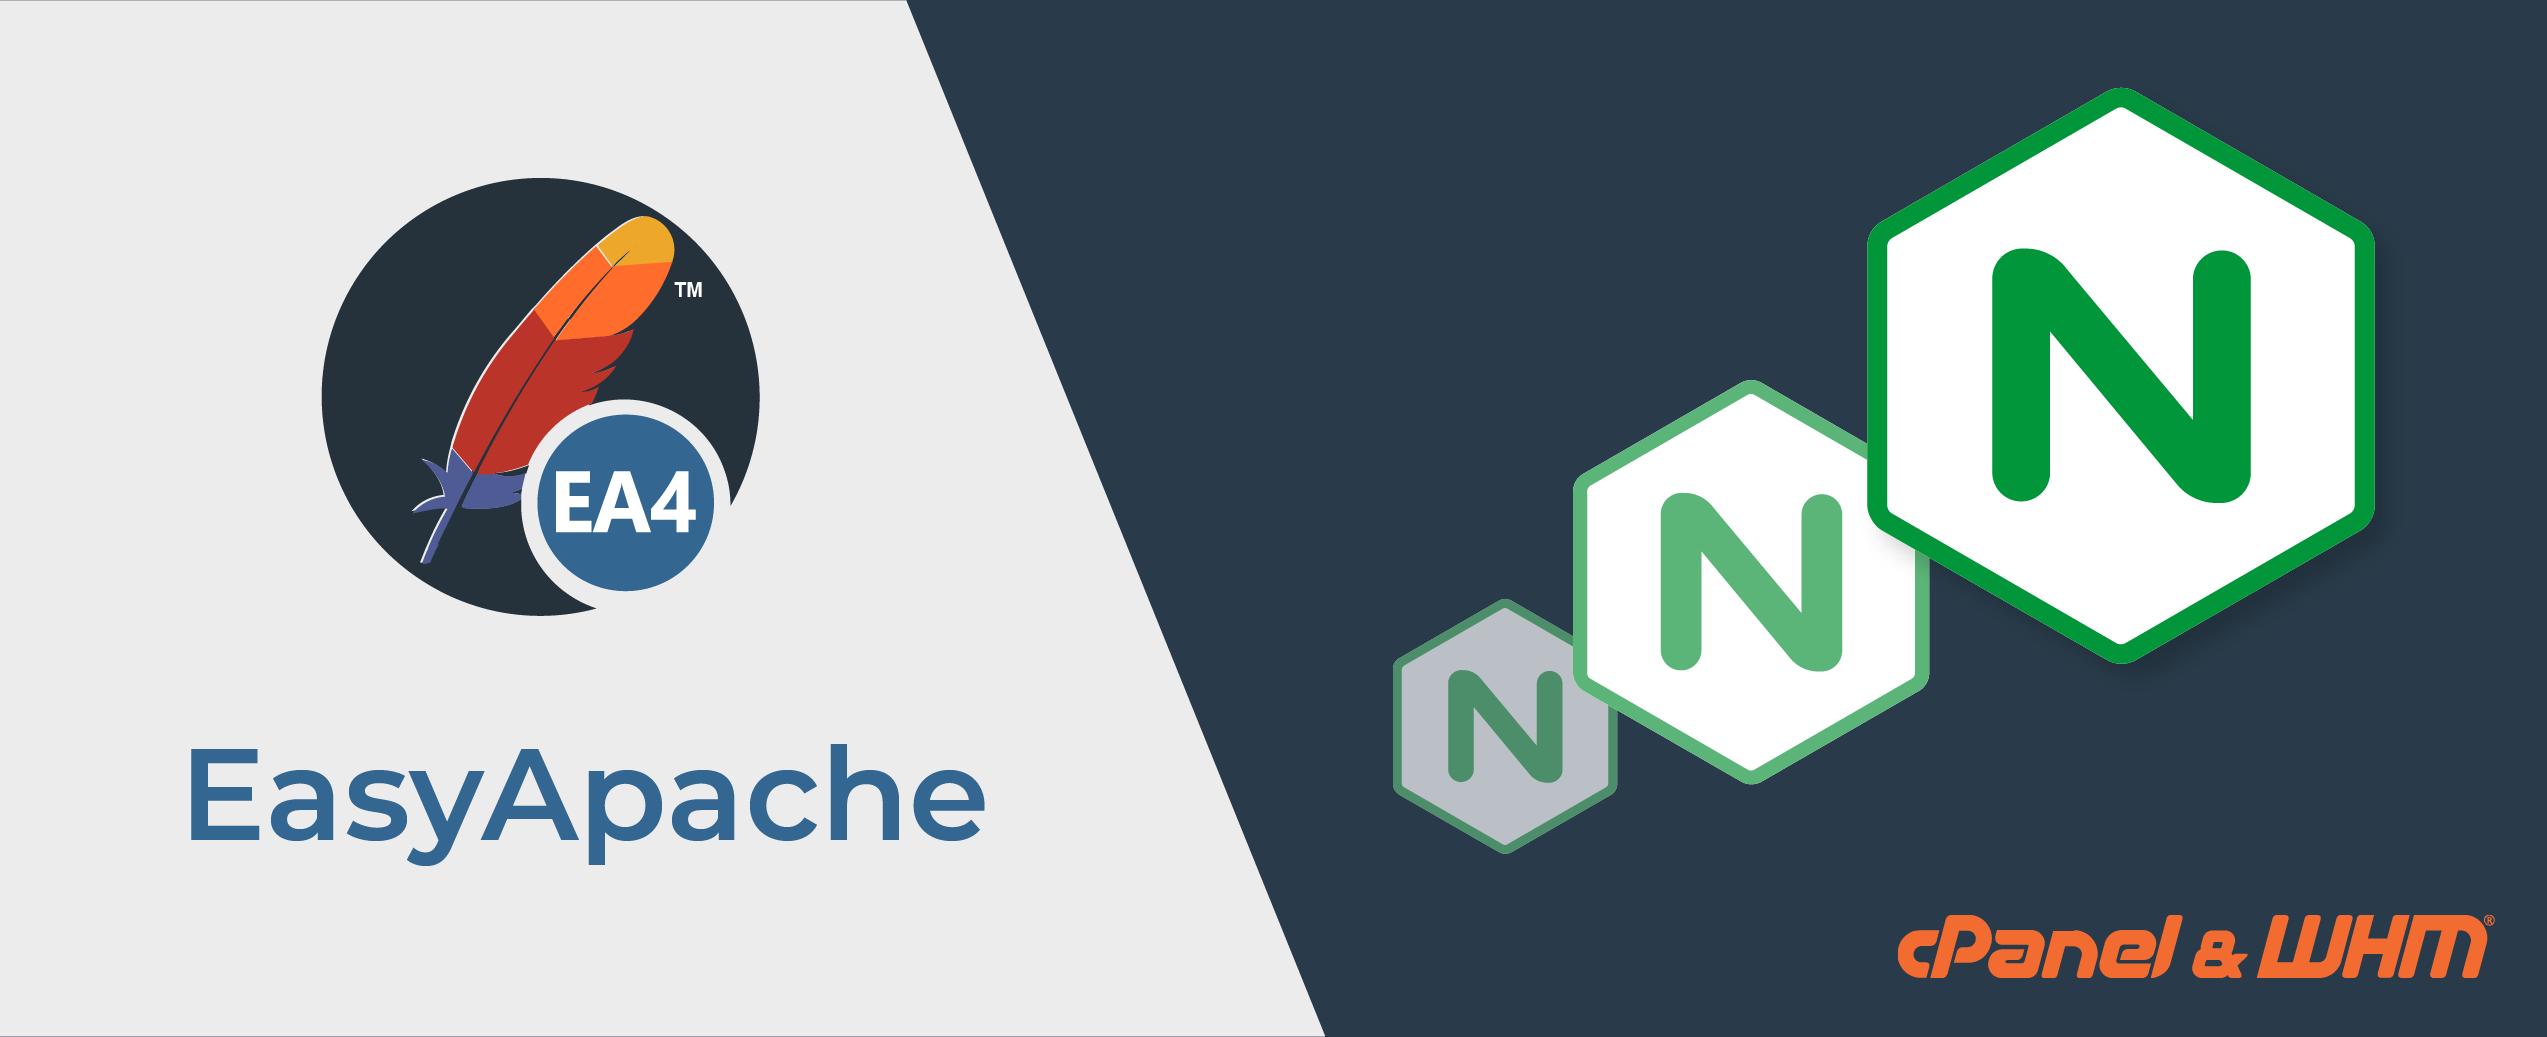 EasyApache - NGINX